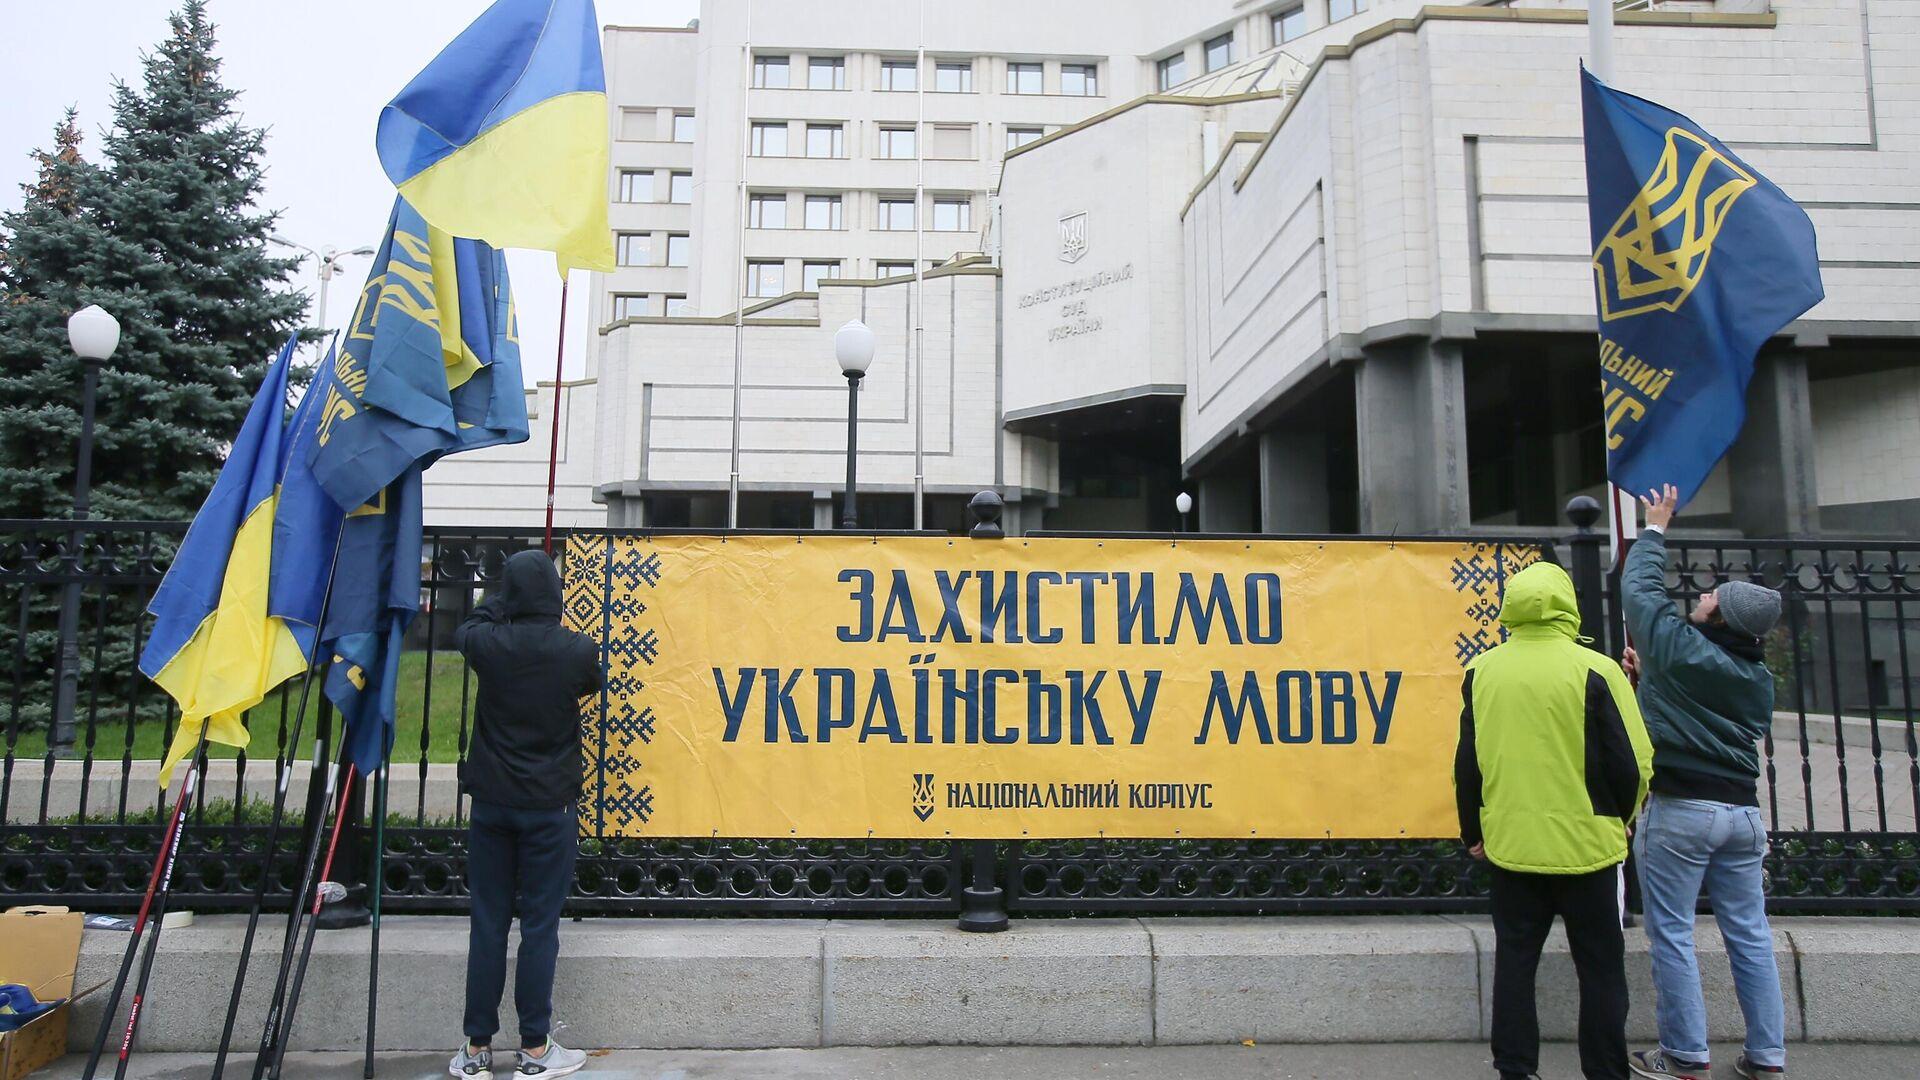 Участники акции протеста у здания Конституционного суда в Киеве - РИА Новости, 1920, 09.03.2021